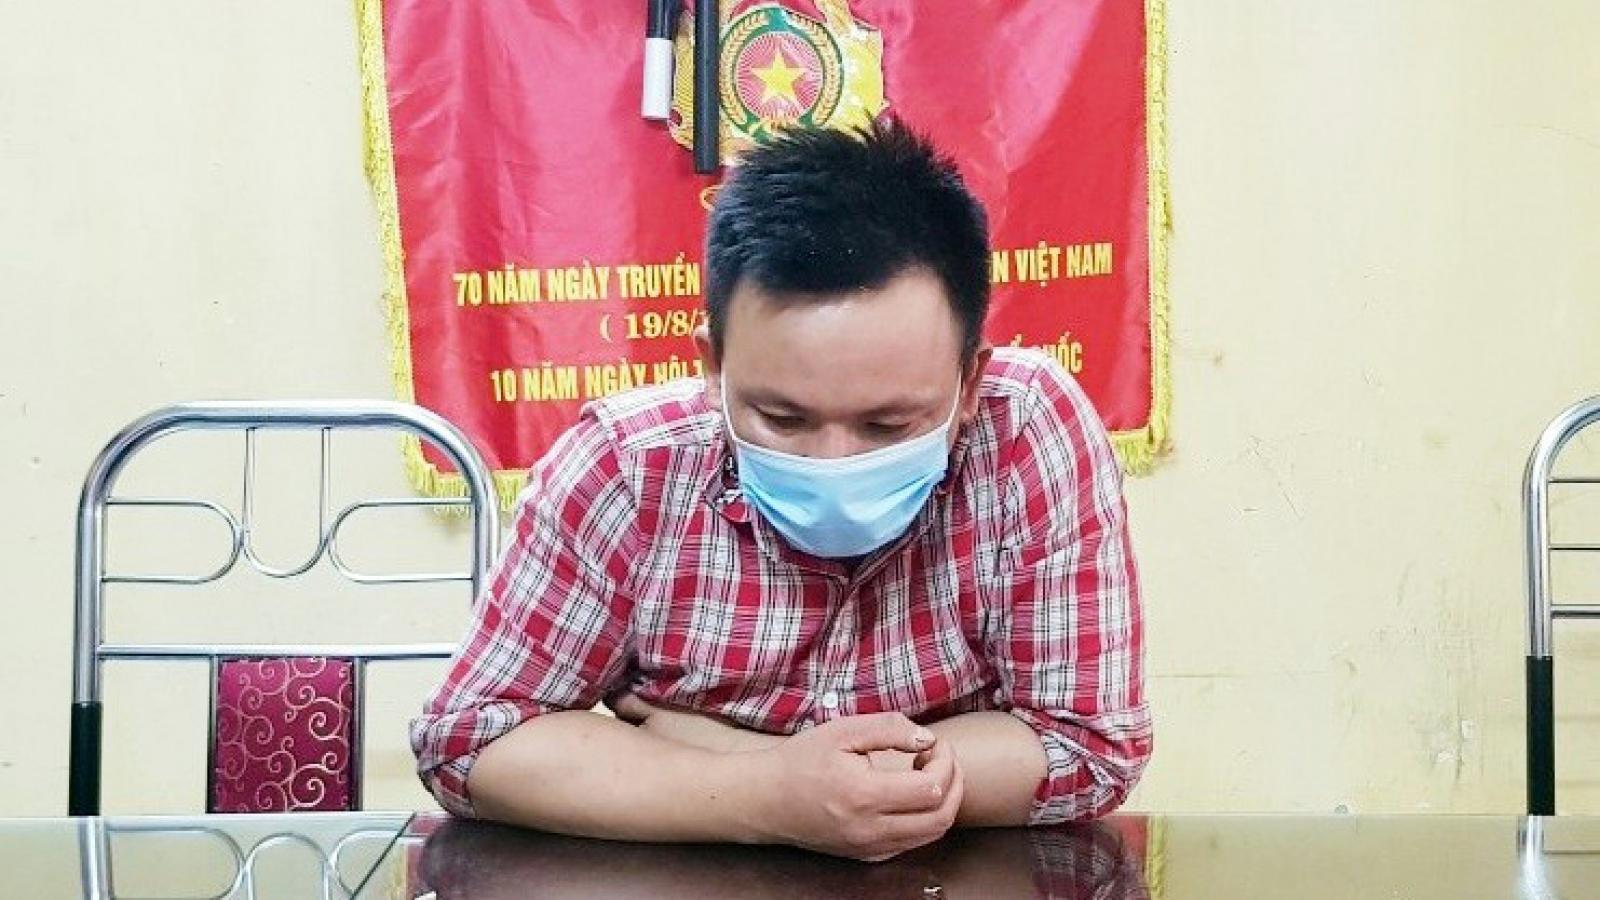 Khởi tố đôi tình nhân ở Bắc Ninh làm lây lan dịch bệnh Covid-19